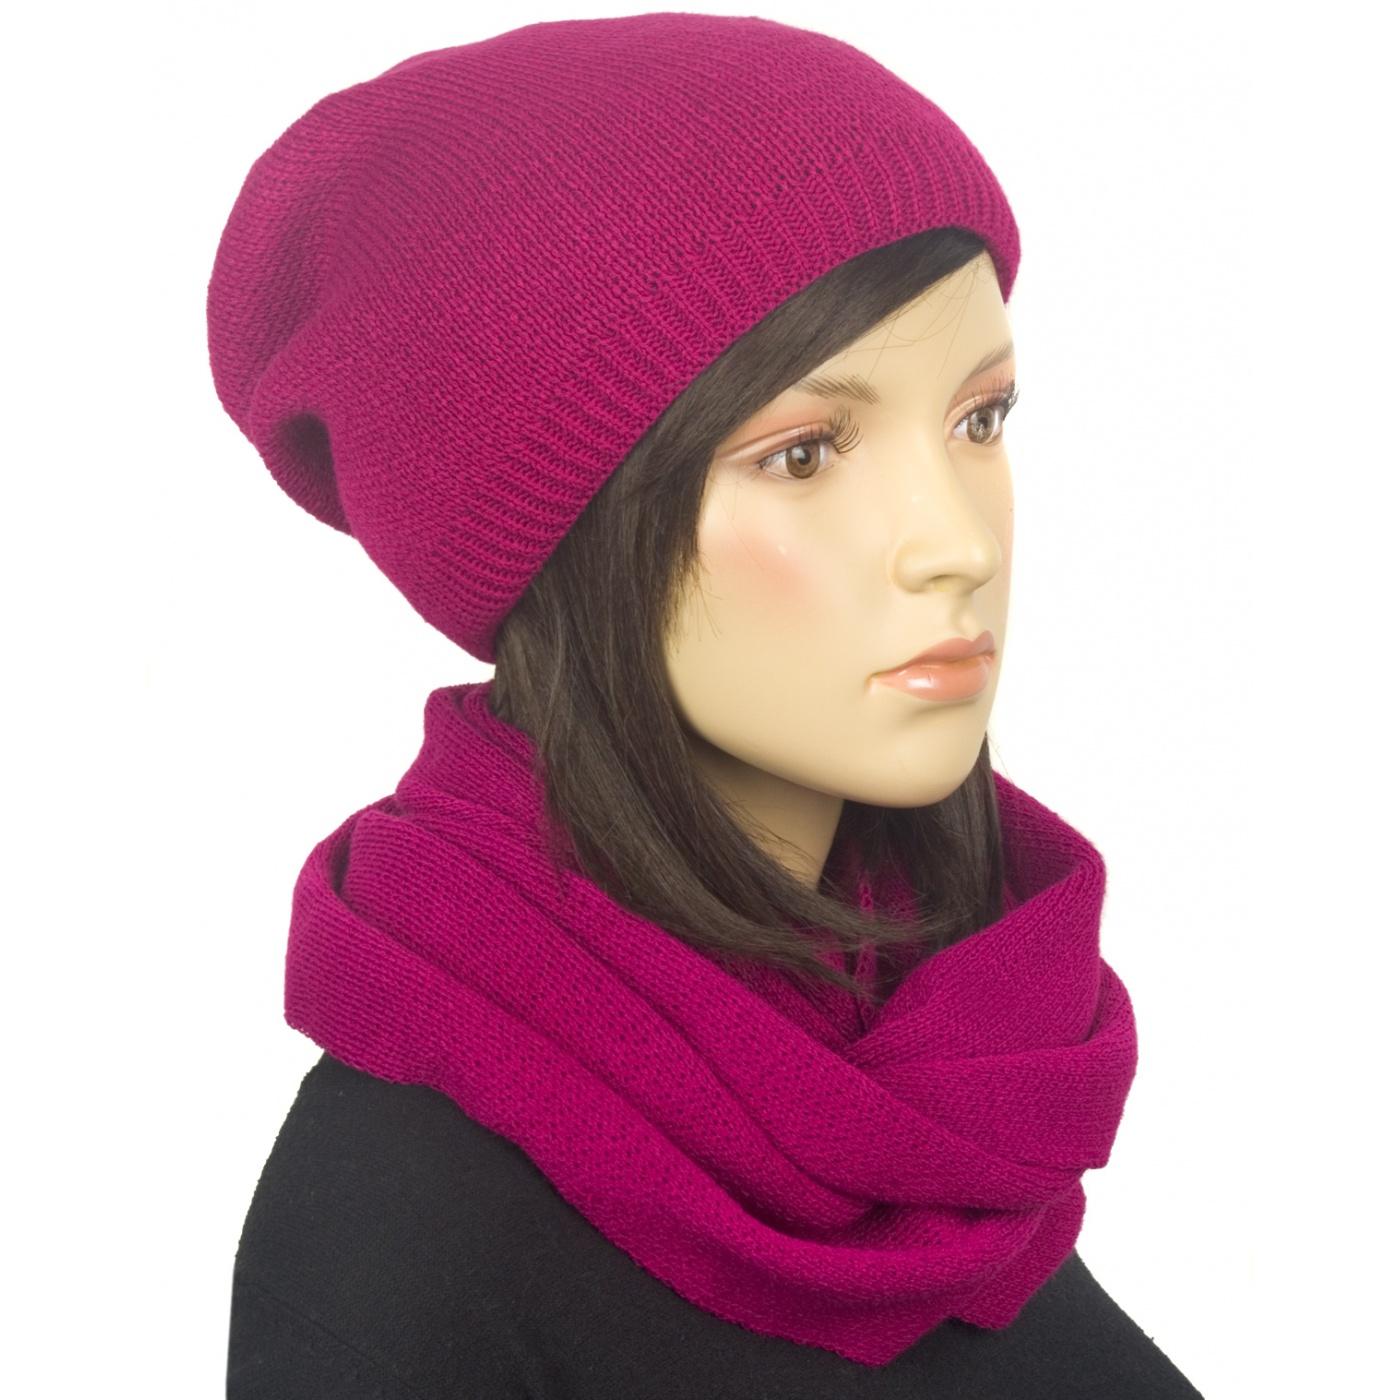 Komplet zimowy damski czapka i szalik komin - amarantowy różowy